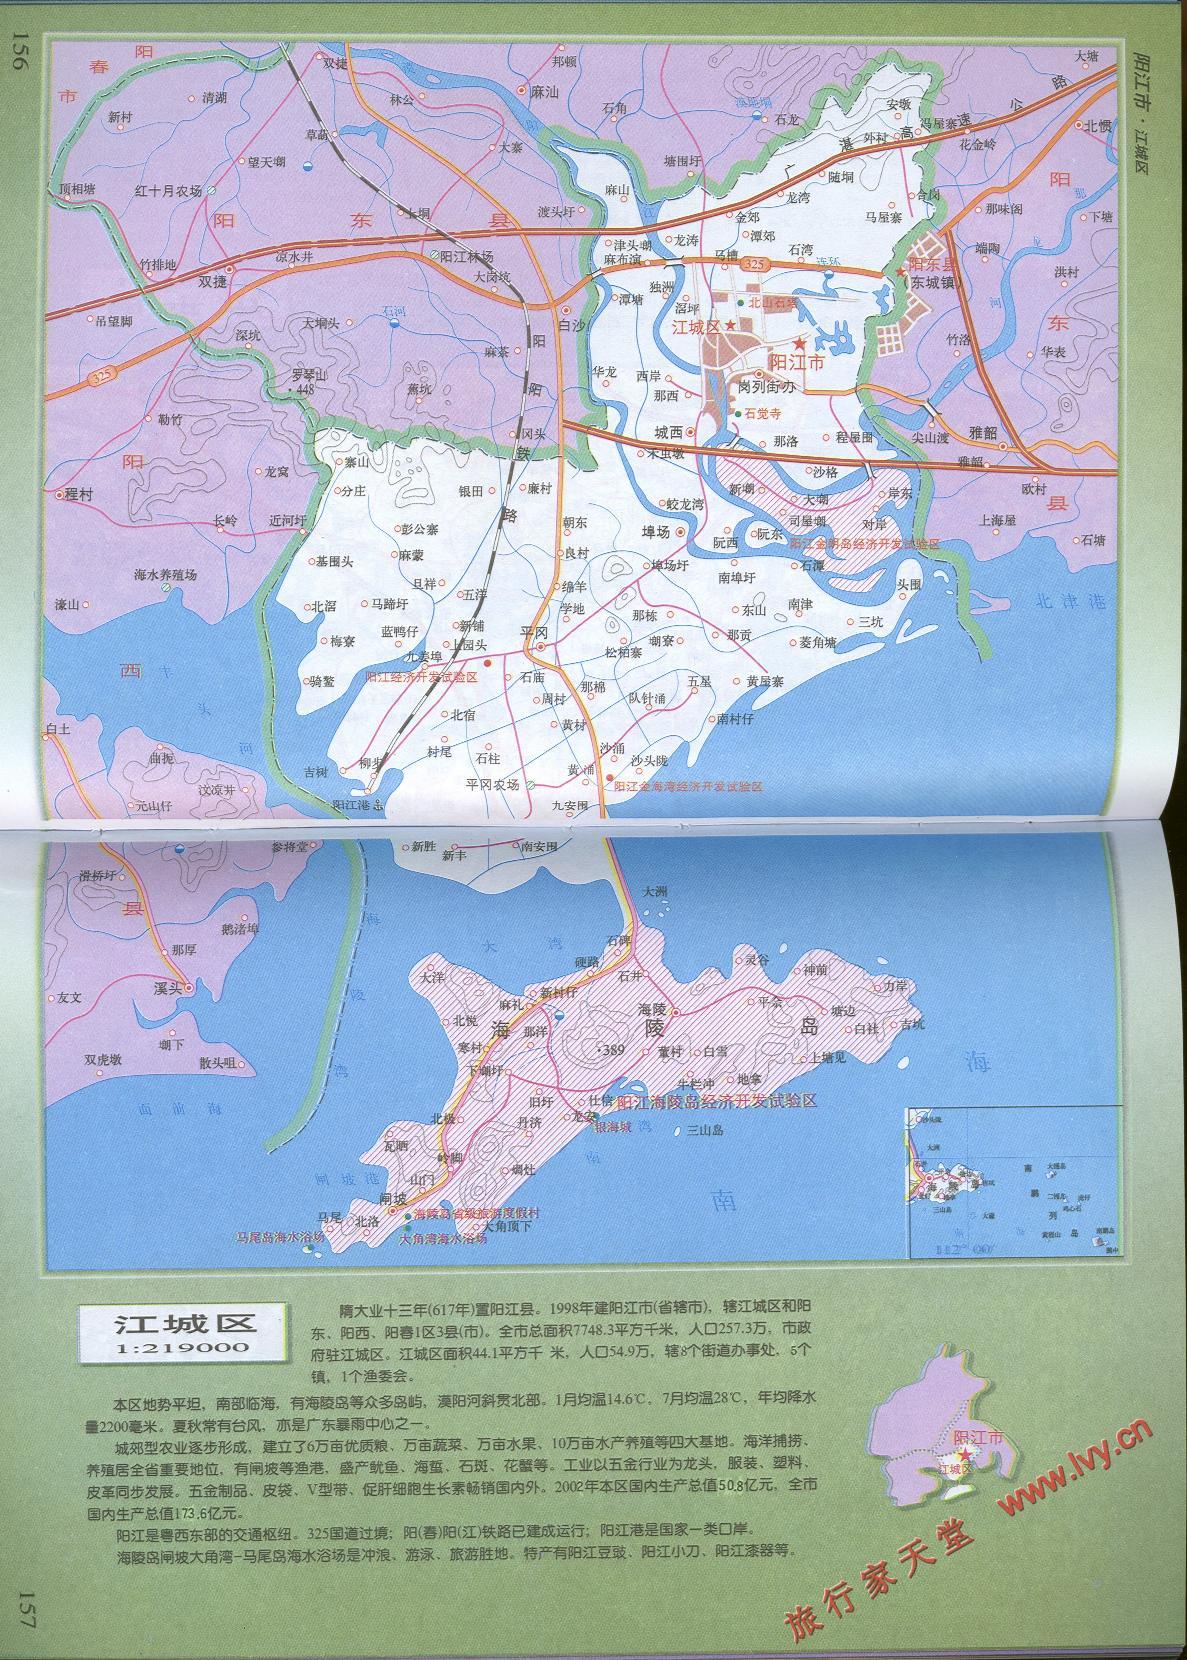 阳江市江城区地图